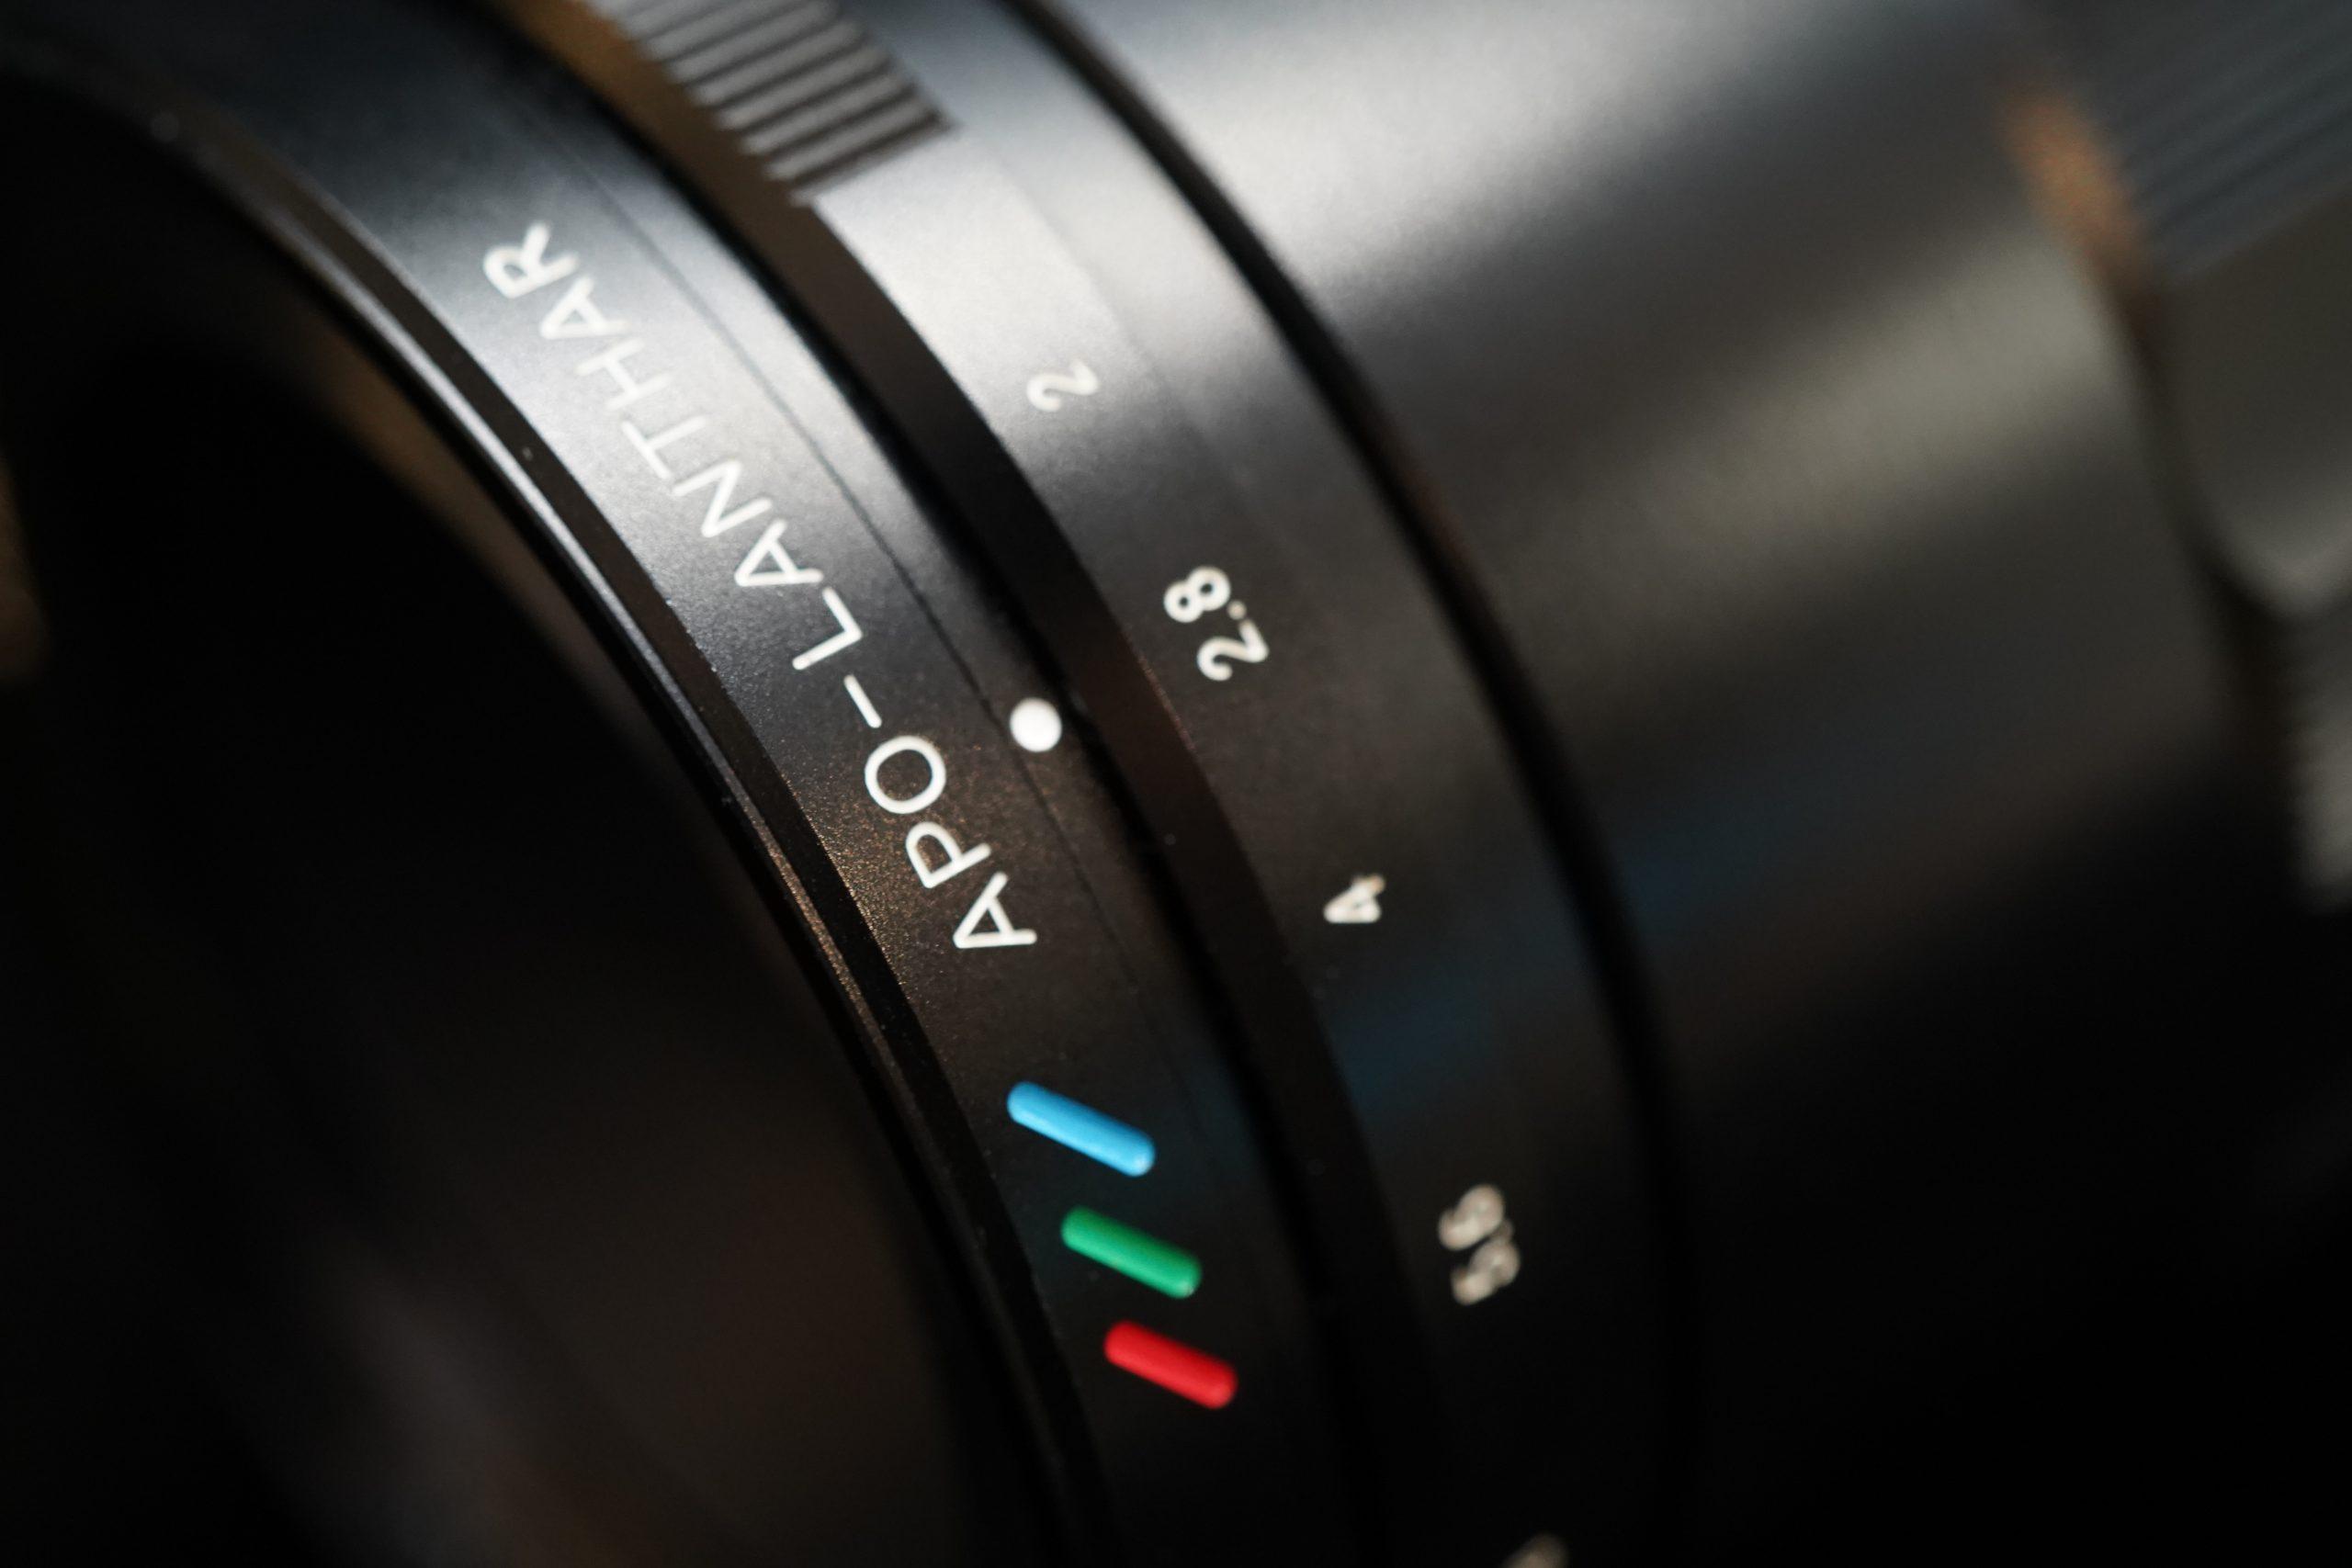 【好機到来】Voigtlander MACRO APO-LANTHAR 65mm F2 Asphericalの世界